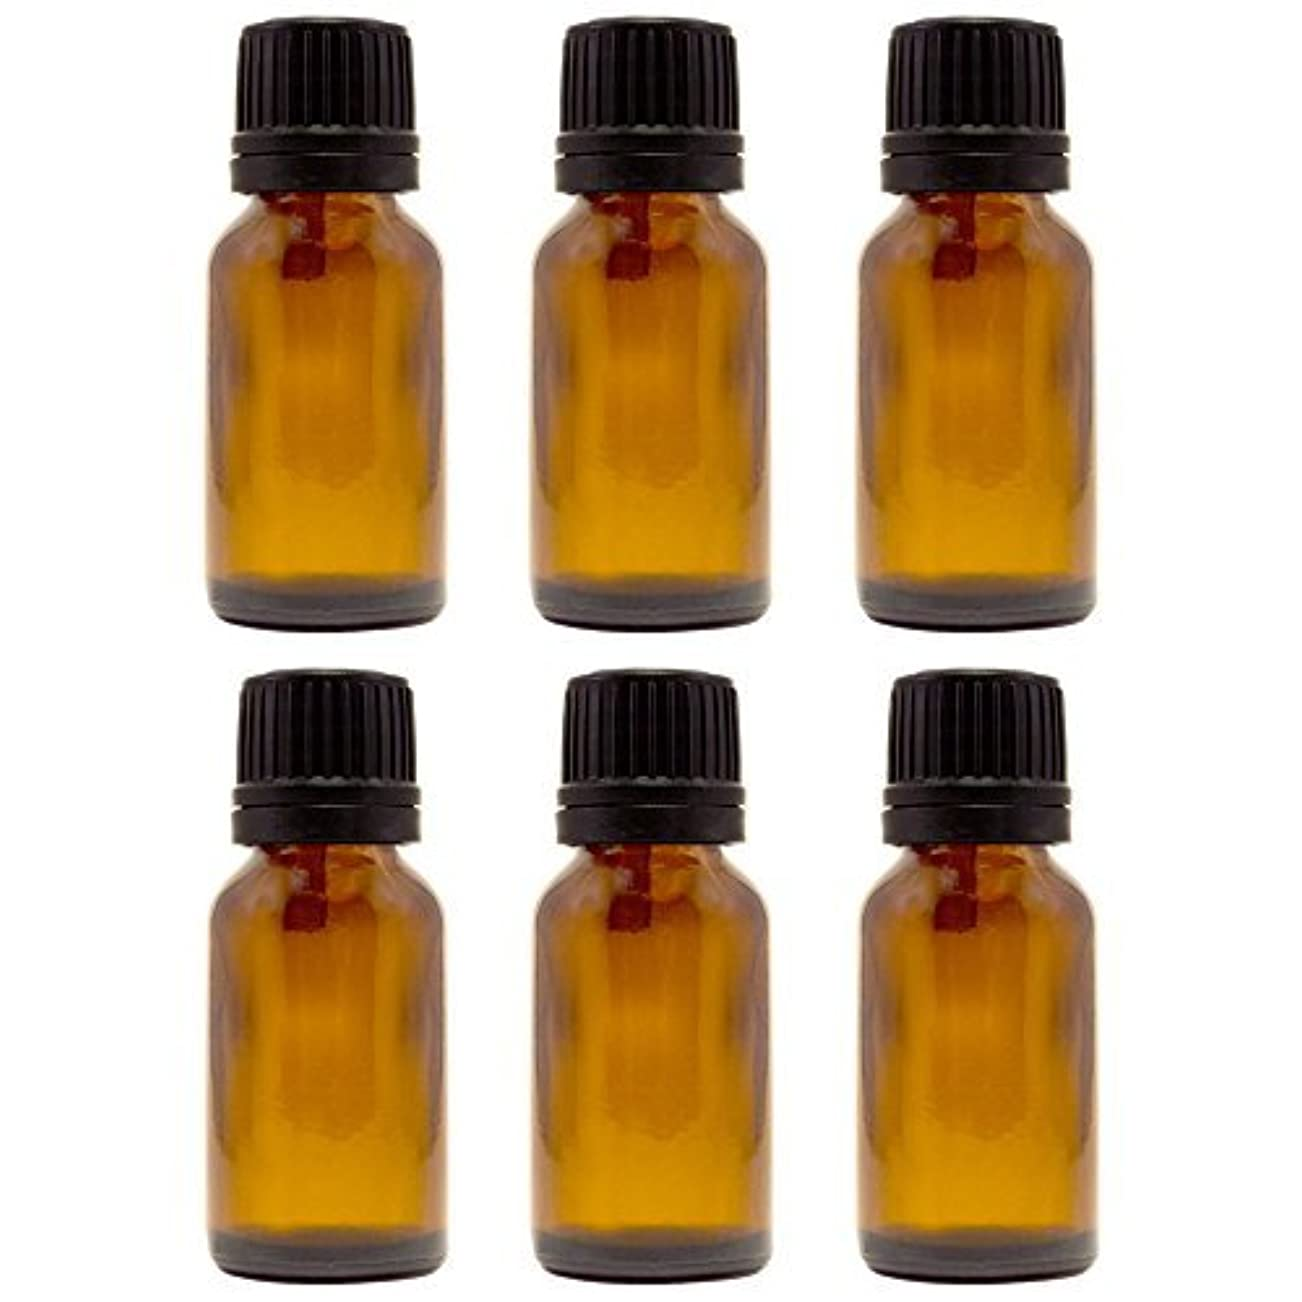 ファイターマニアック真面目な15 ml (1/2 fl oz) Amber Glass Bottle with Euro Dropper (6 Pack) [並行輸入品]